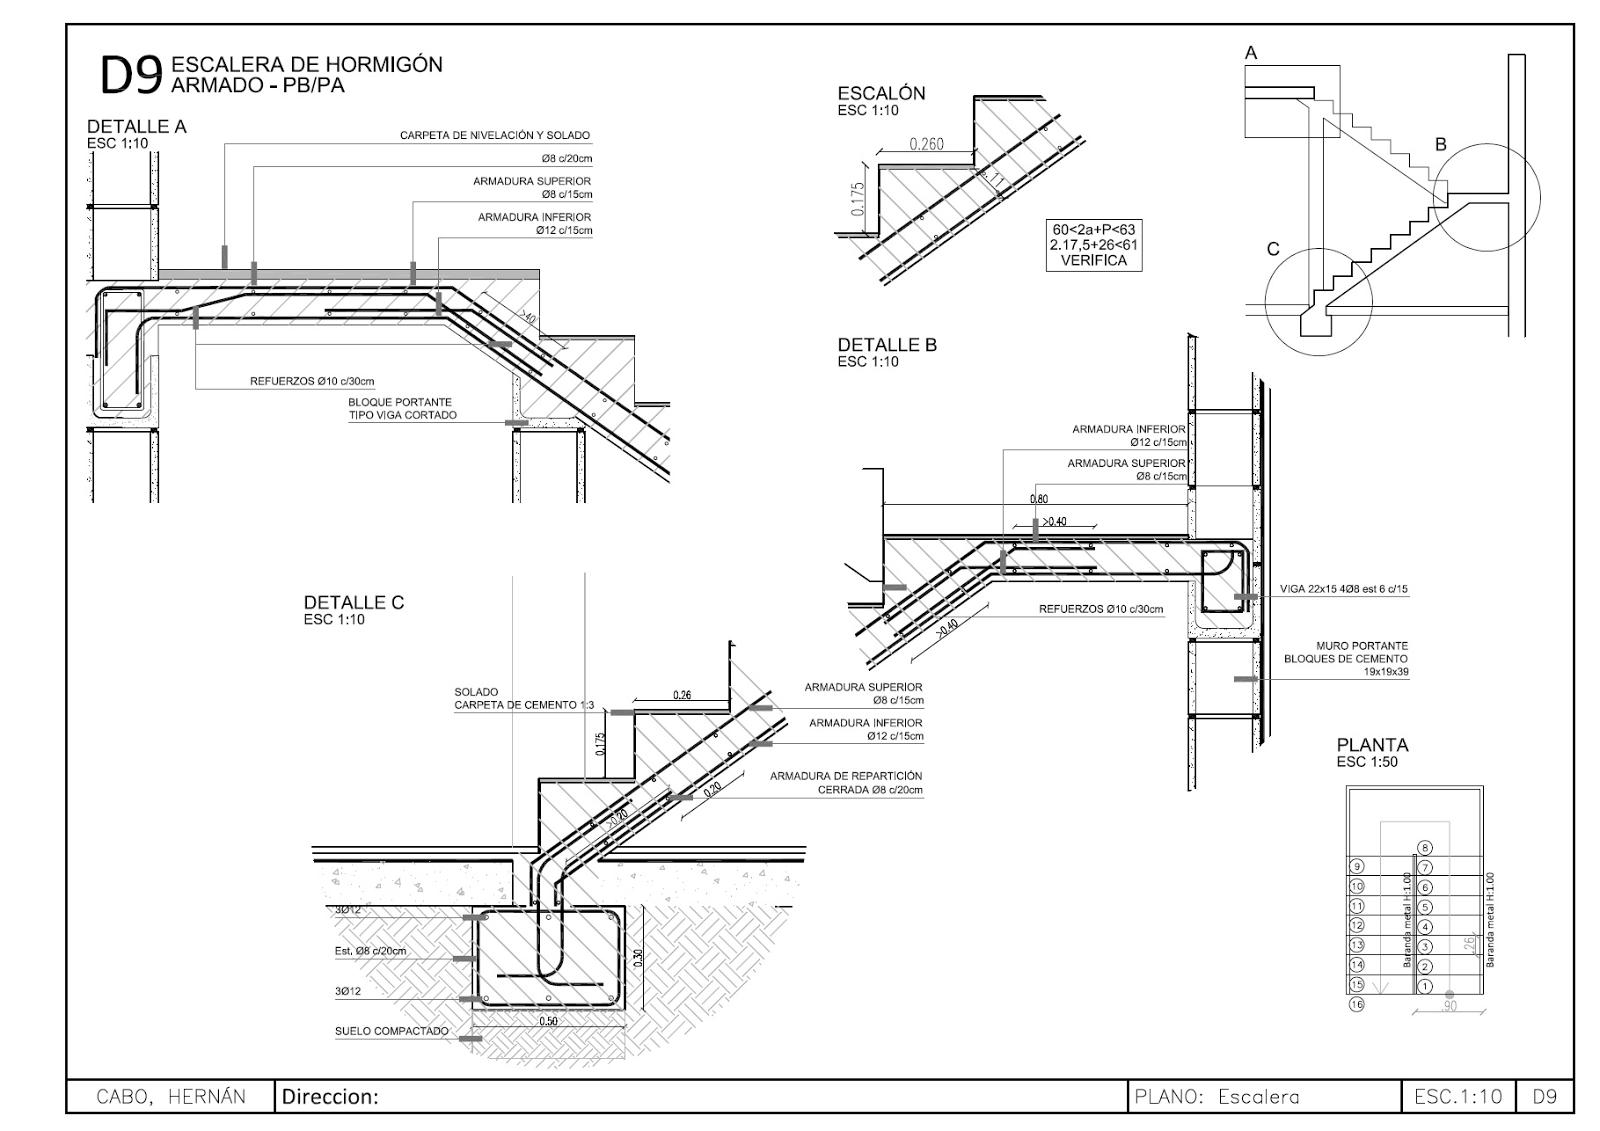 Detalles constructivos cad escalera de hormig n armado de - Escalera prefabricada de hormigon ...